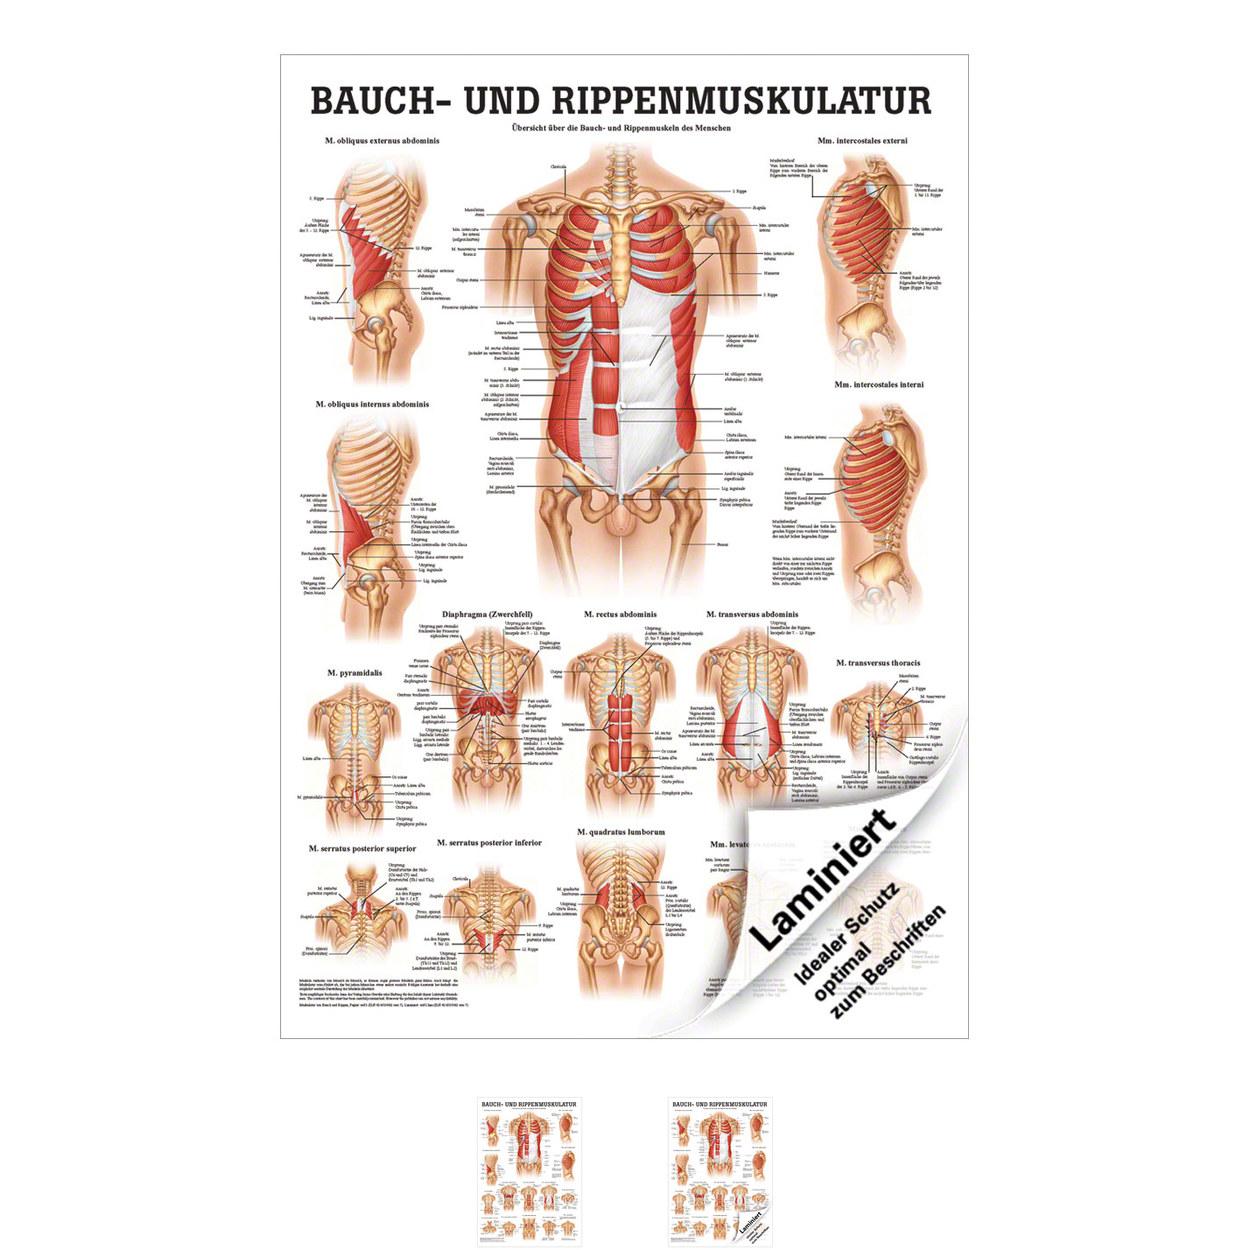 Ungewöhnlich Weibliche Anatomie Organe Galerie - Physiologie Von ...